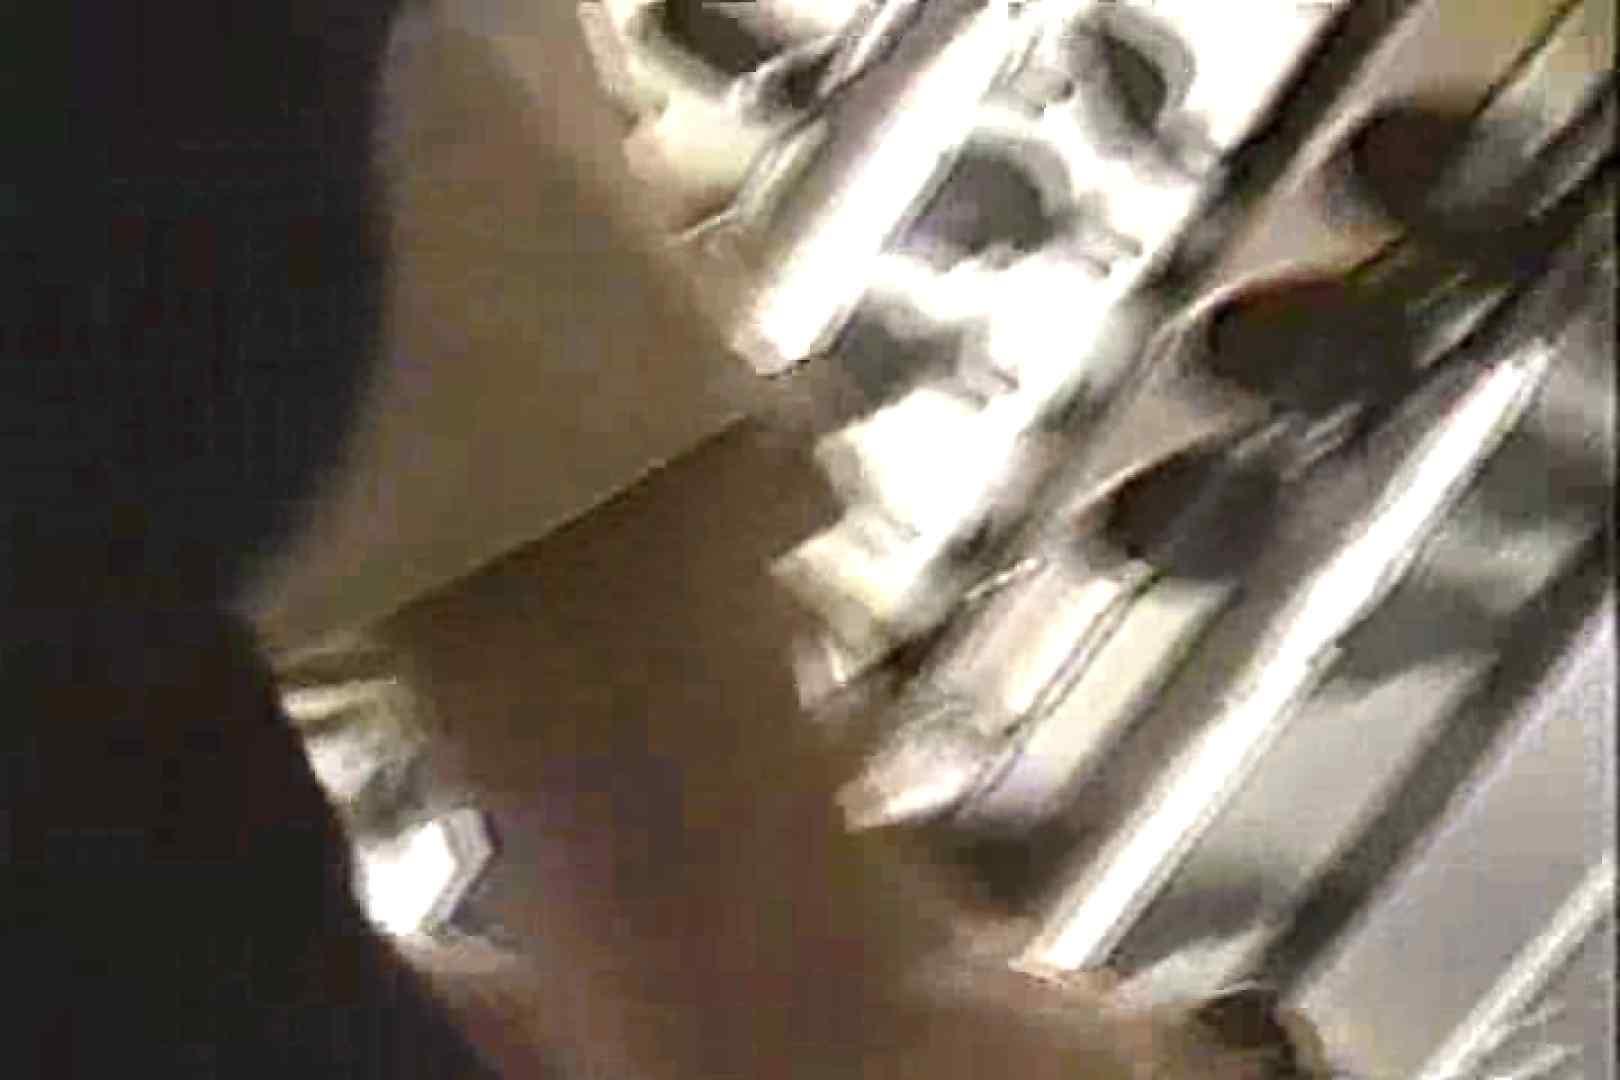 「ちくりん」さんのオリジナル未編集パンチラVol.1_01 美女OL | チラ見え画像  35連発 34